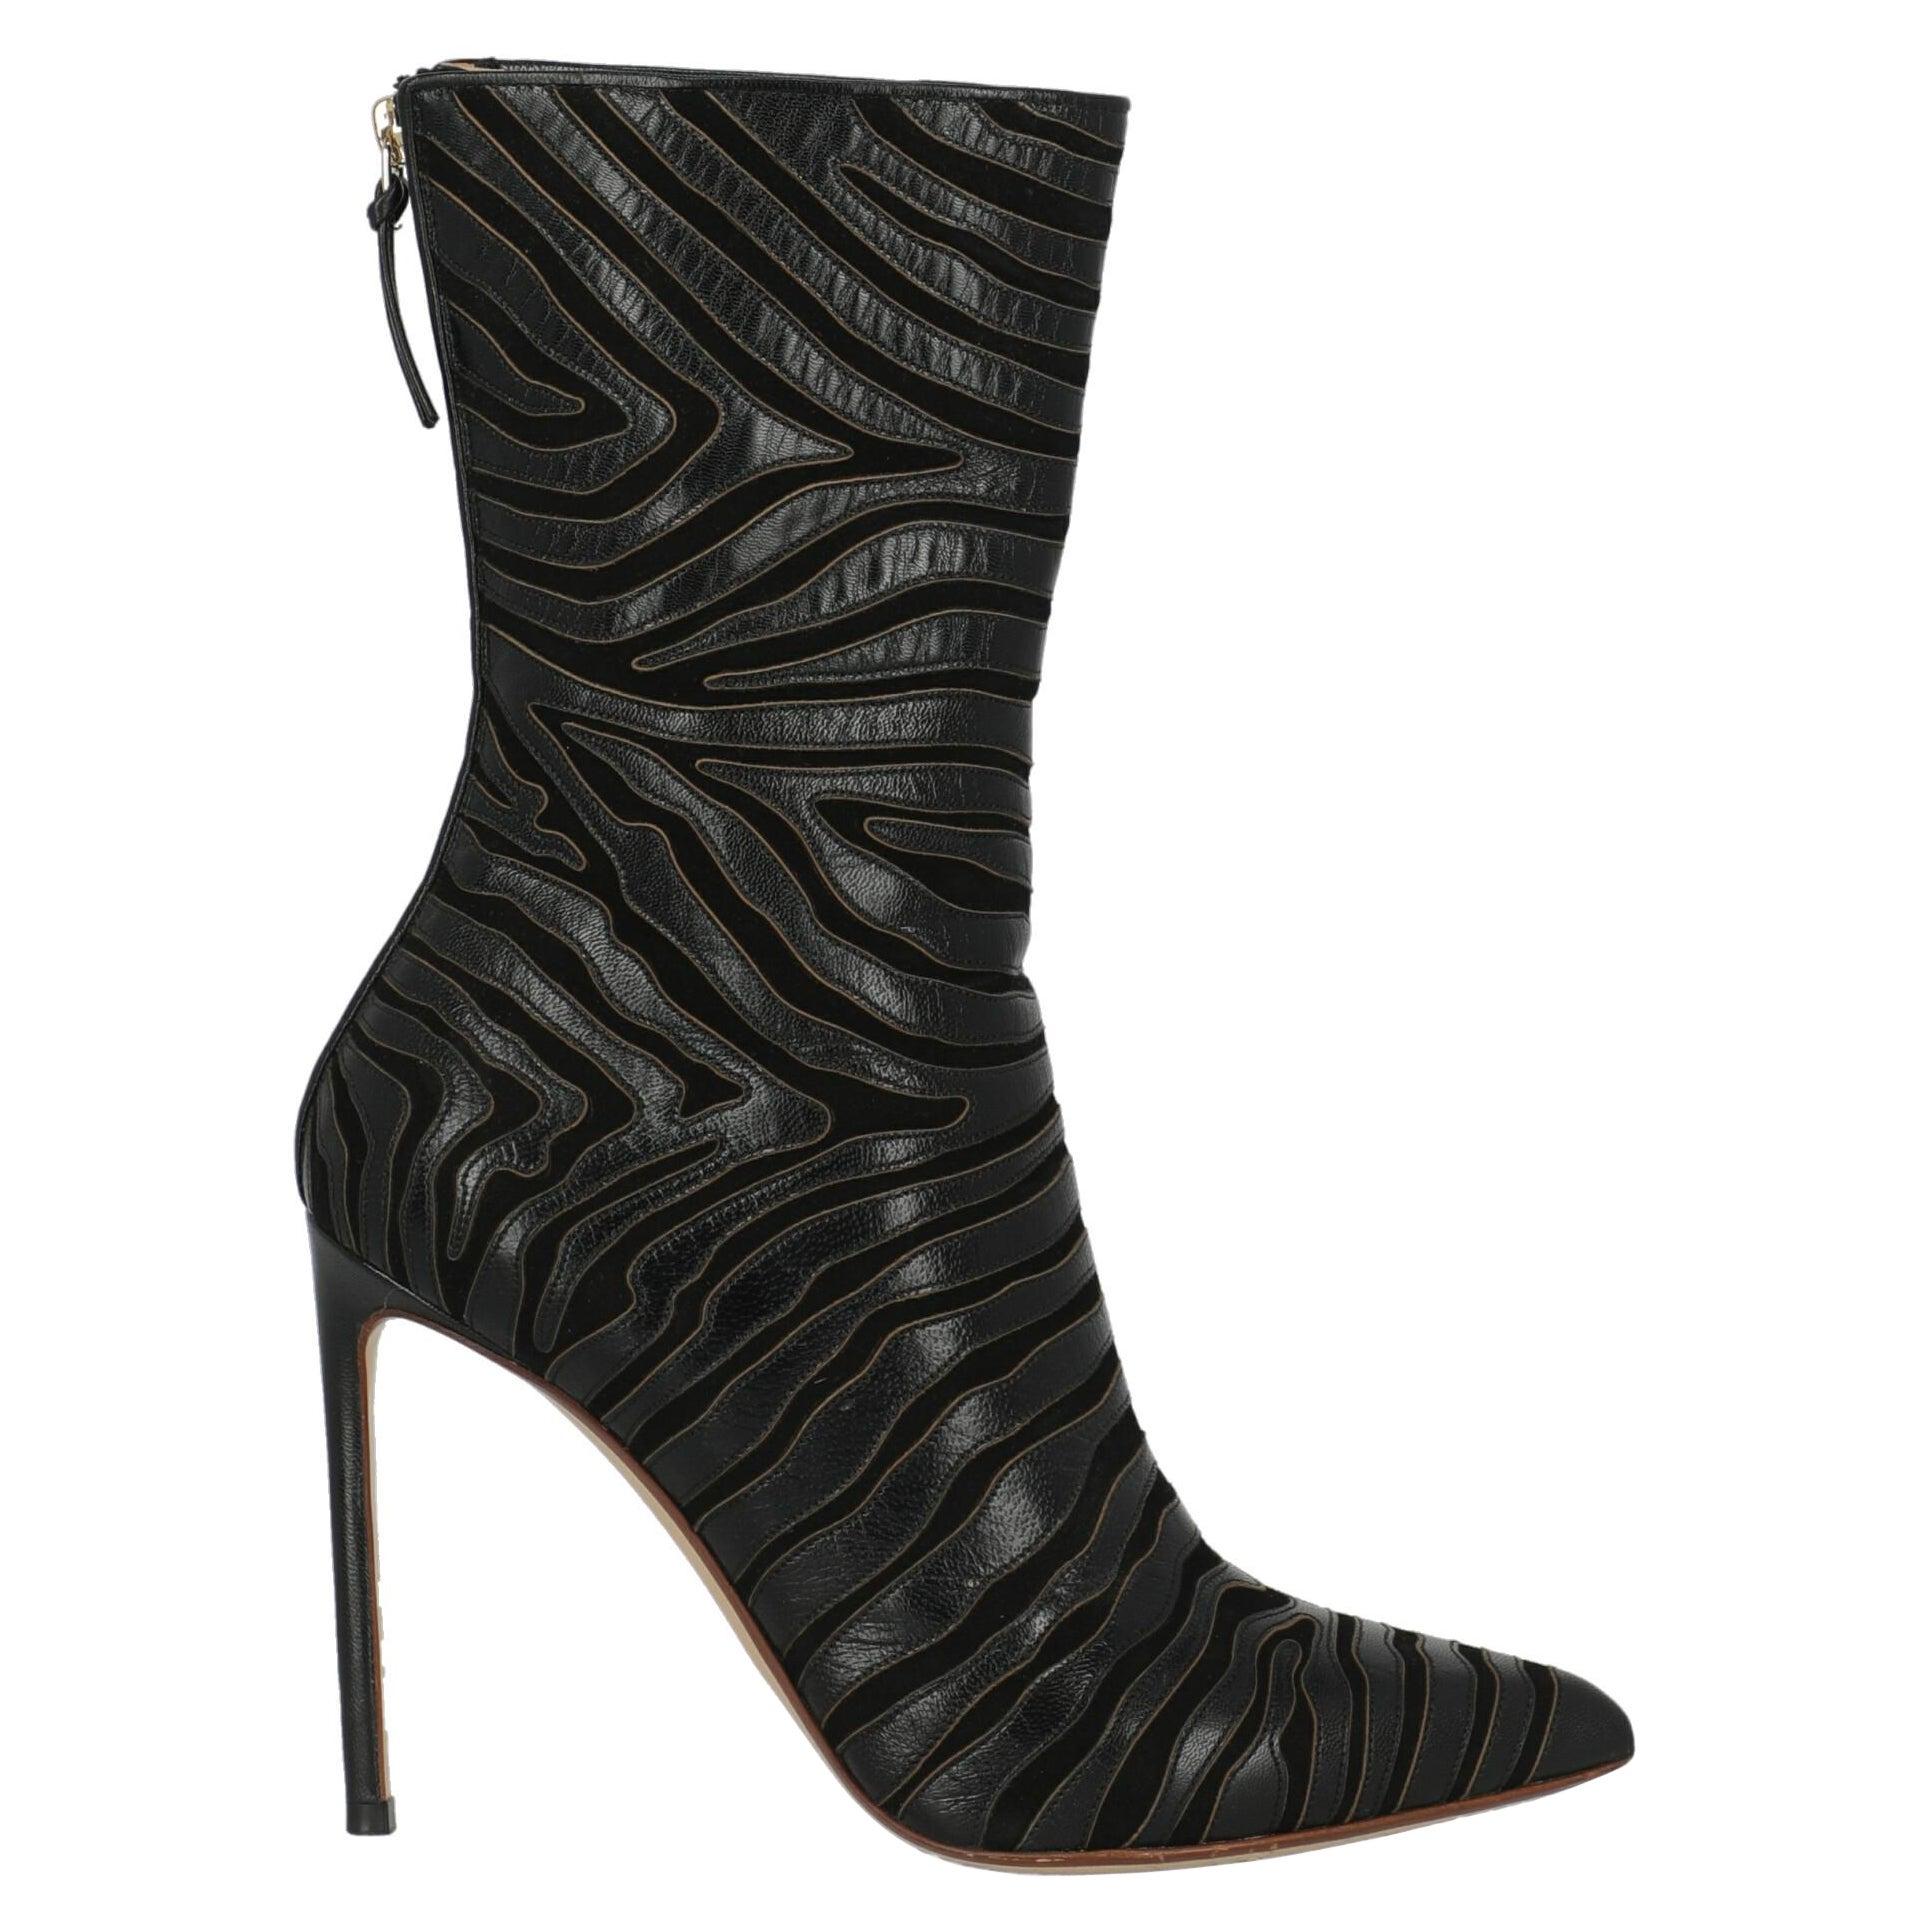 Francesco Russo Women Ankle boots Black Leather EU 38.5